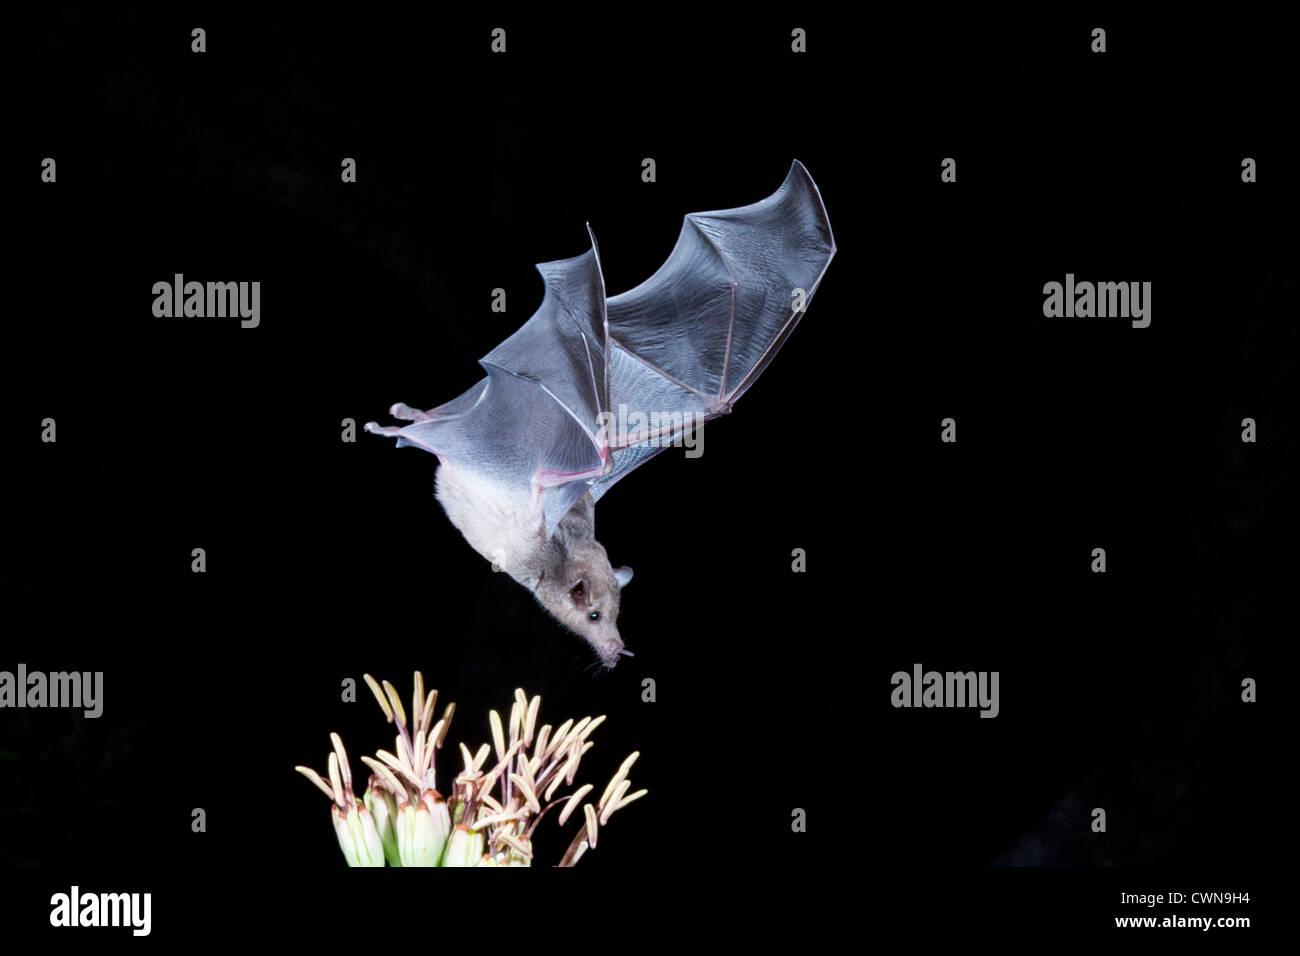 La chauve-souris à nez long, Leptonycteris yerbabuenae, en voie de disparition, se nourrissant de nectar la nuit, en Arizona. Banque D'Images